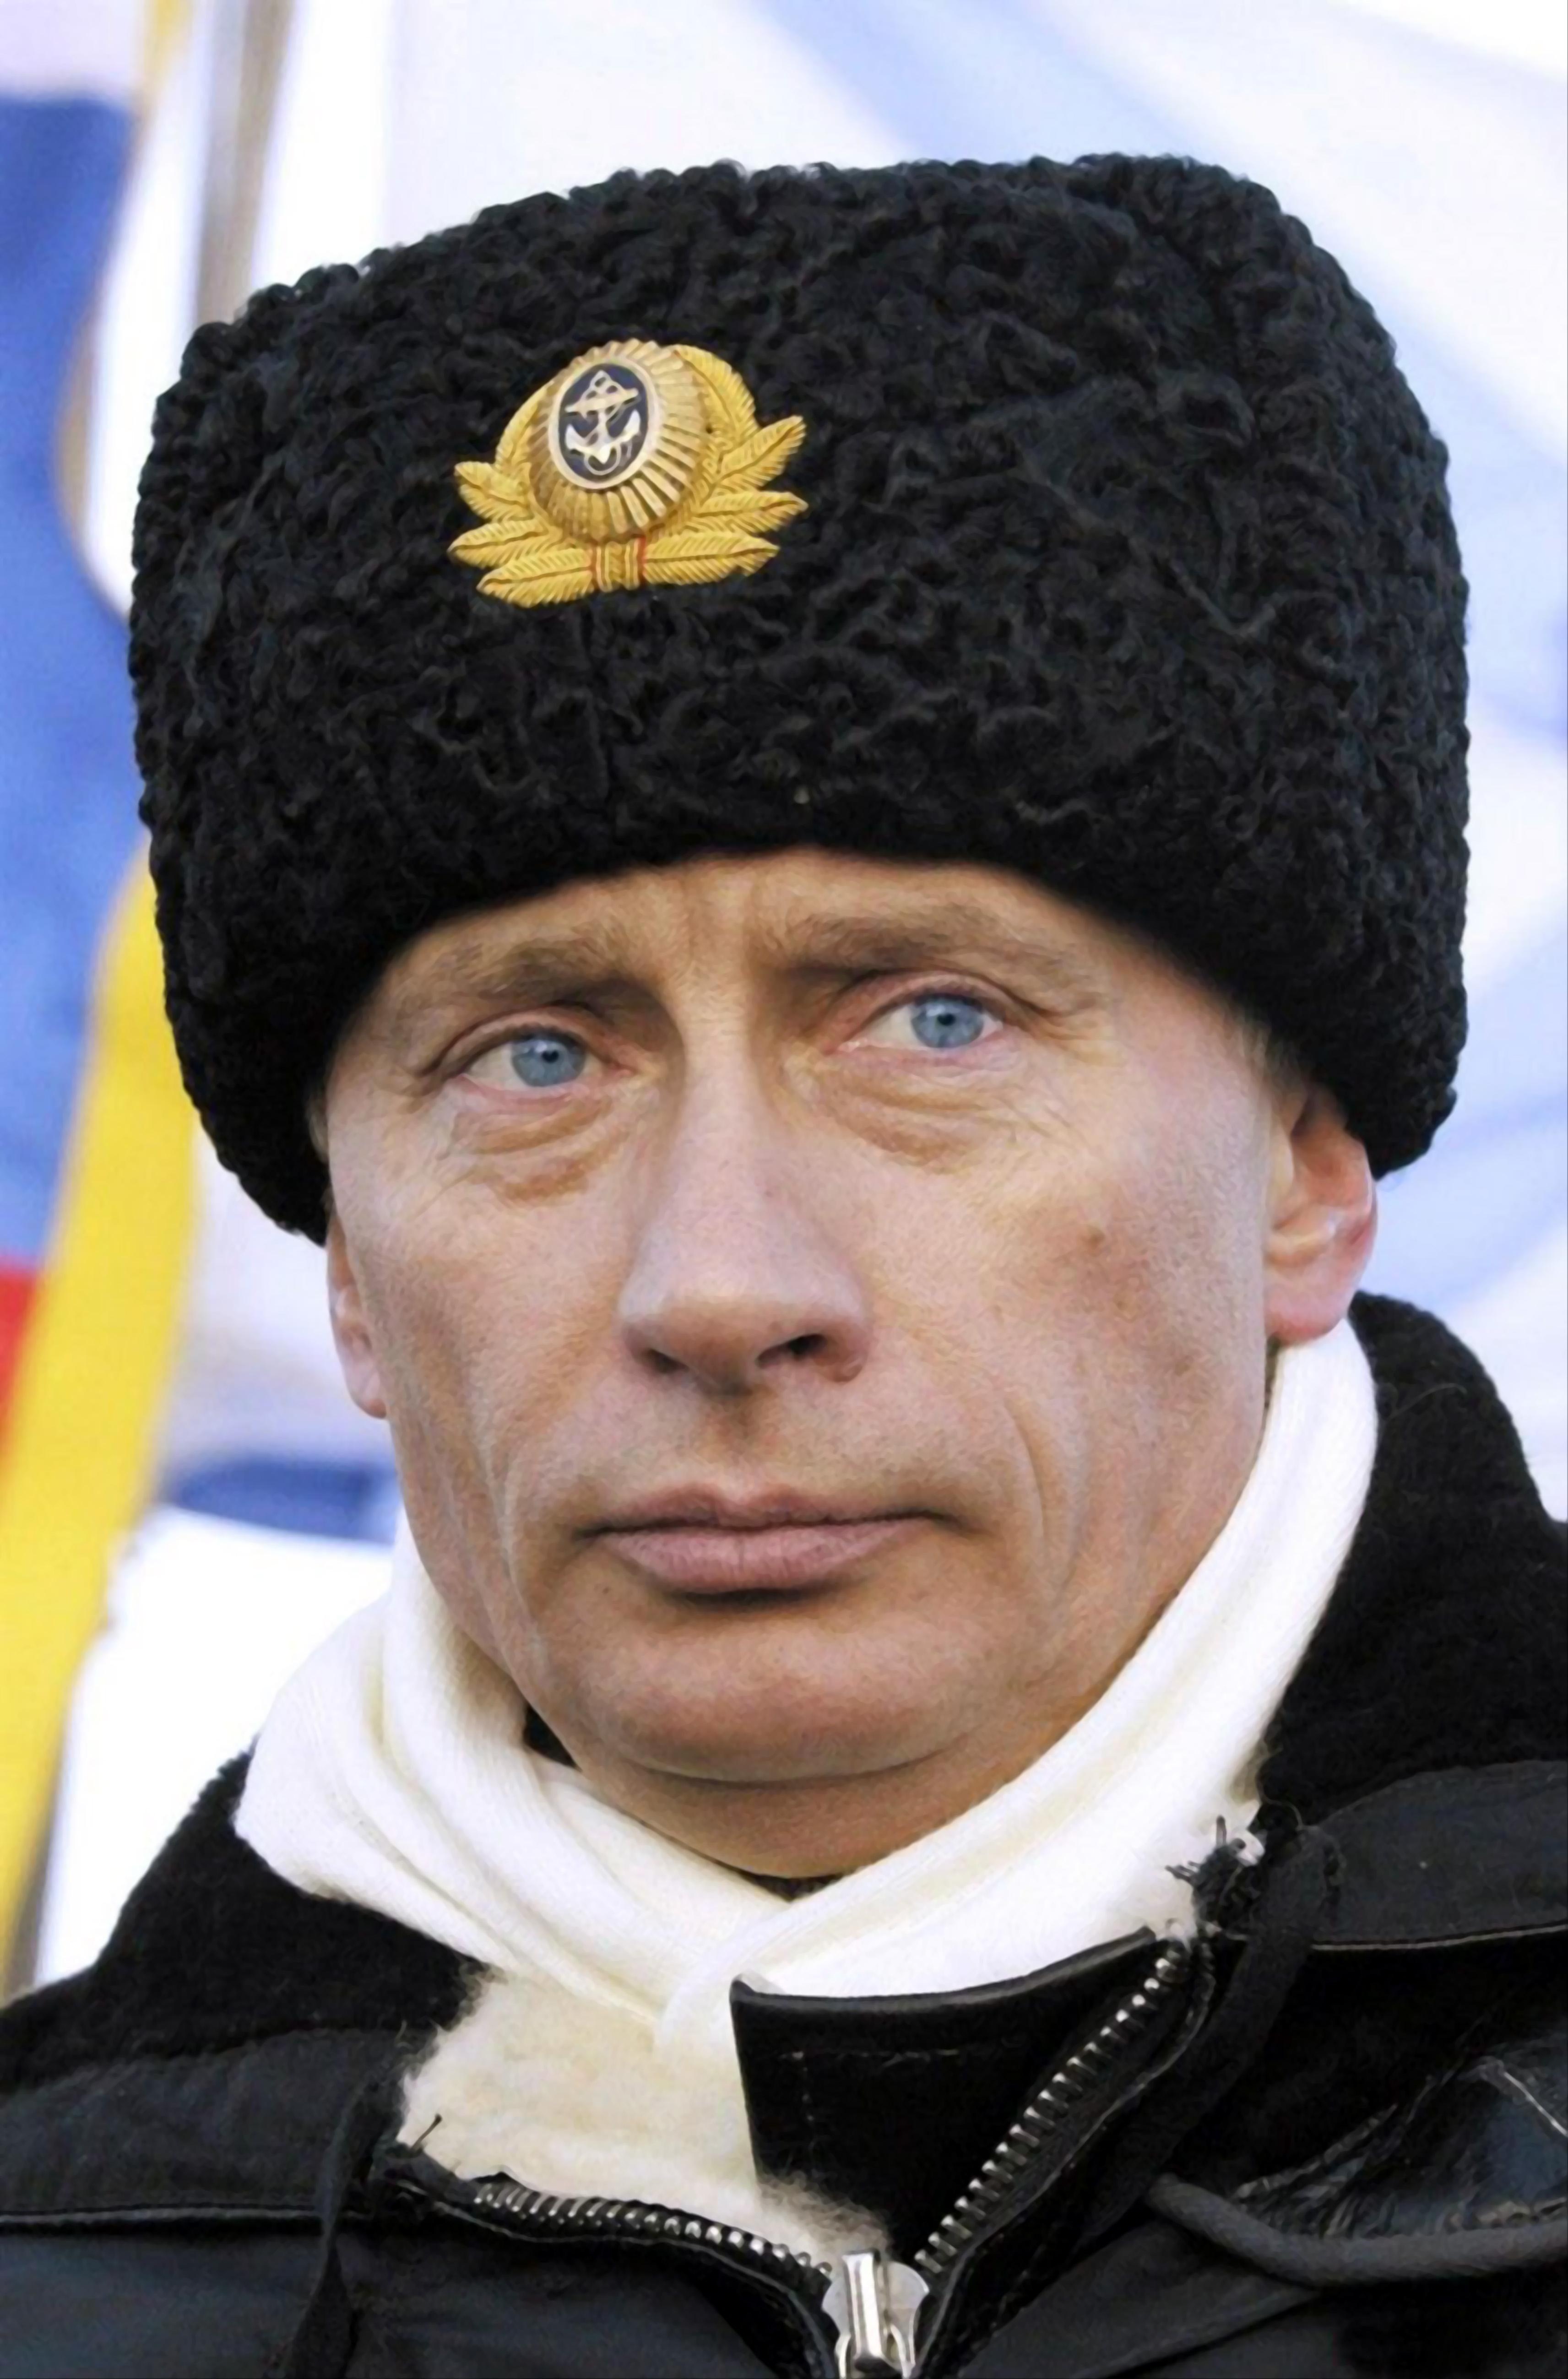 Пятнадцатилетний путь Президента Путина